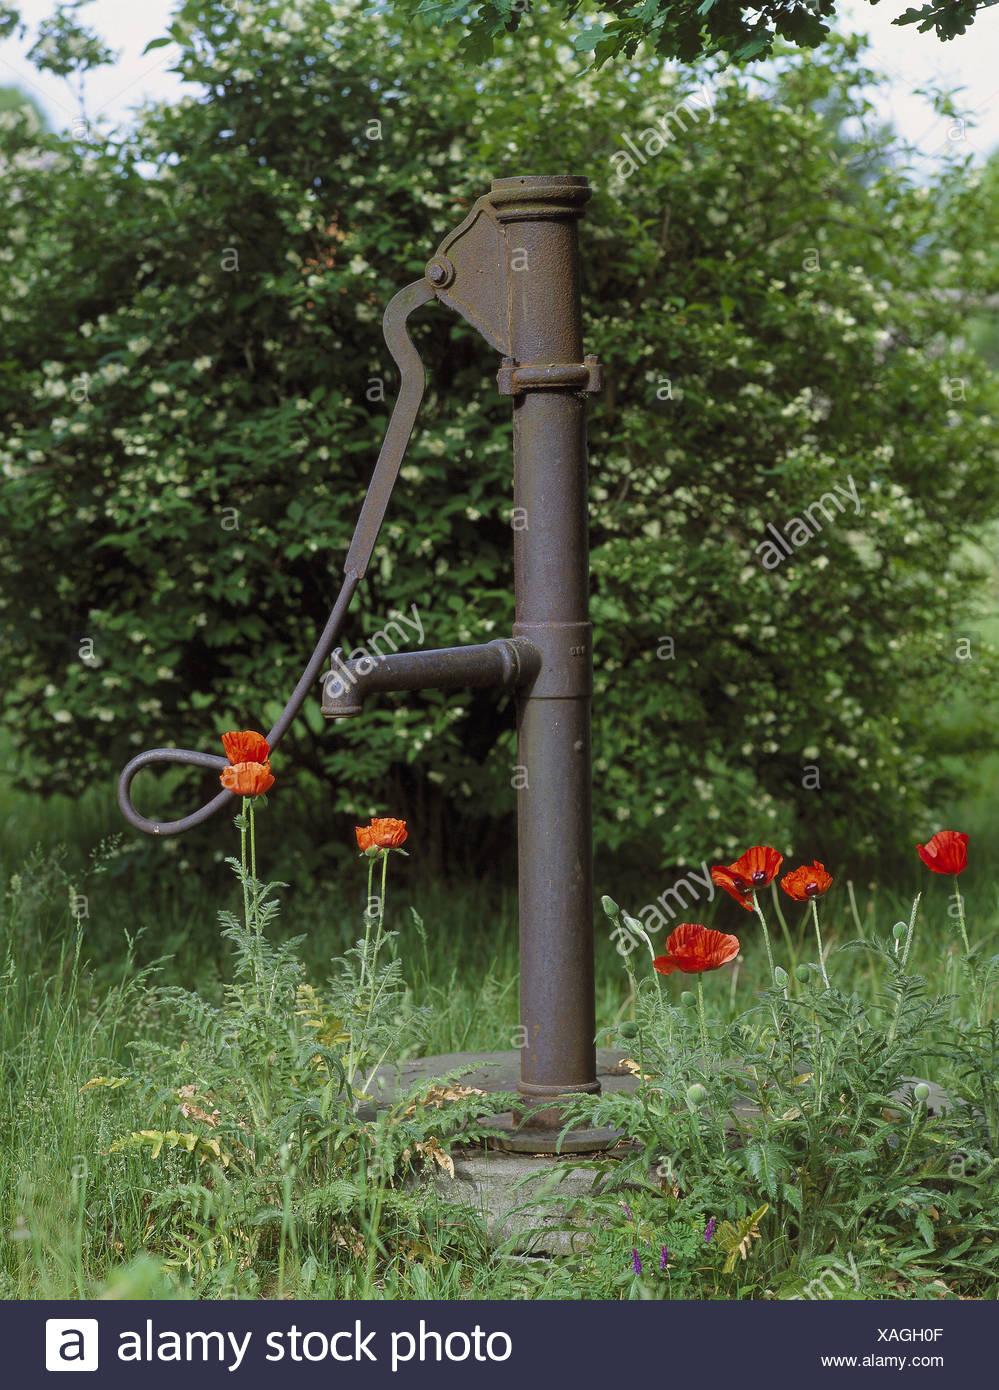 alte garten brunnen garten kredit-brunnen wasser pumpe brunnen-welle